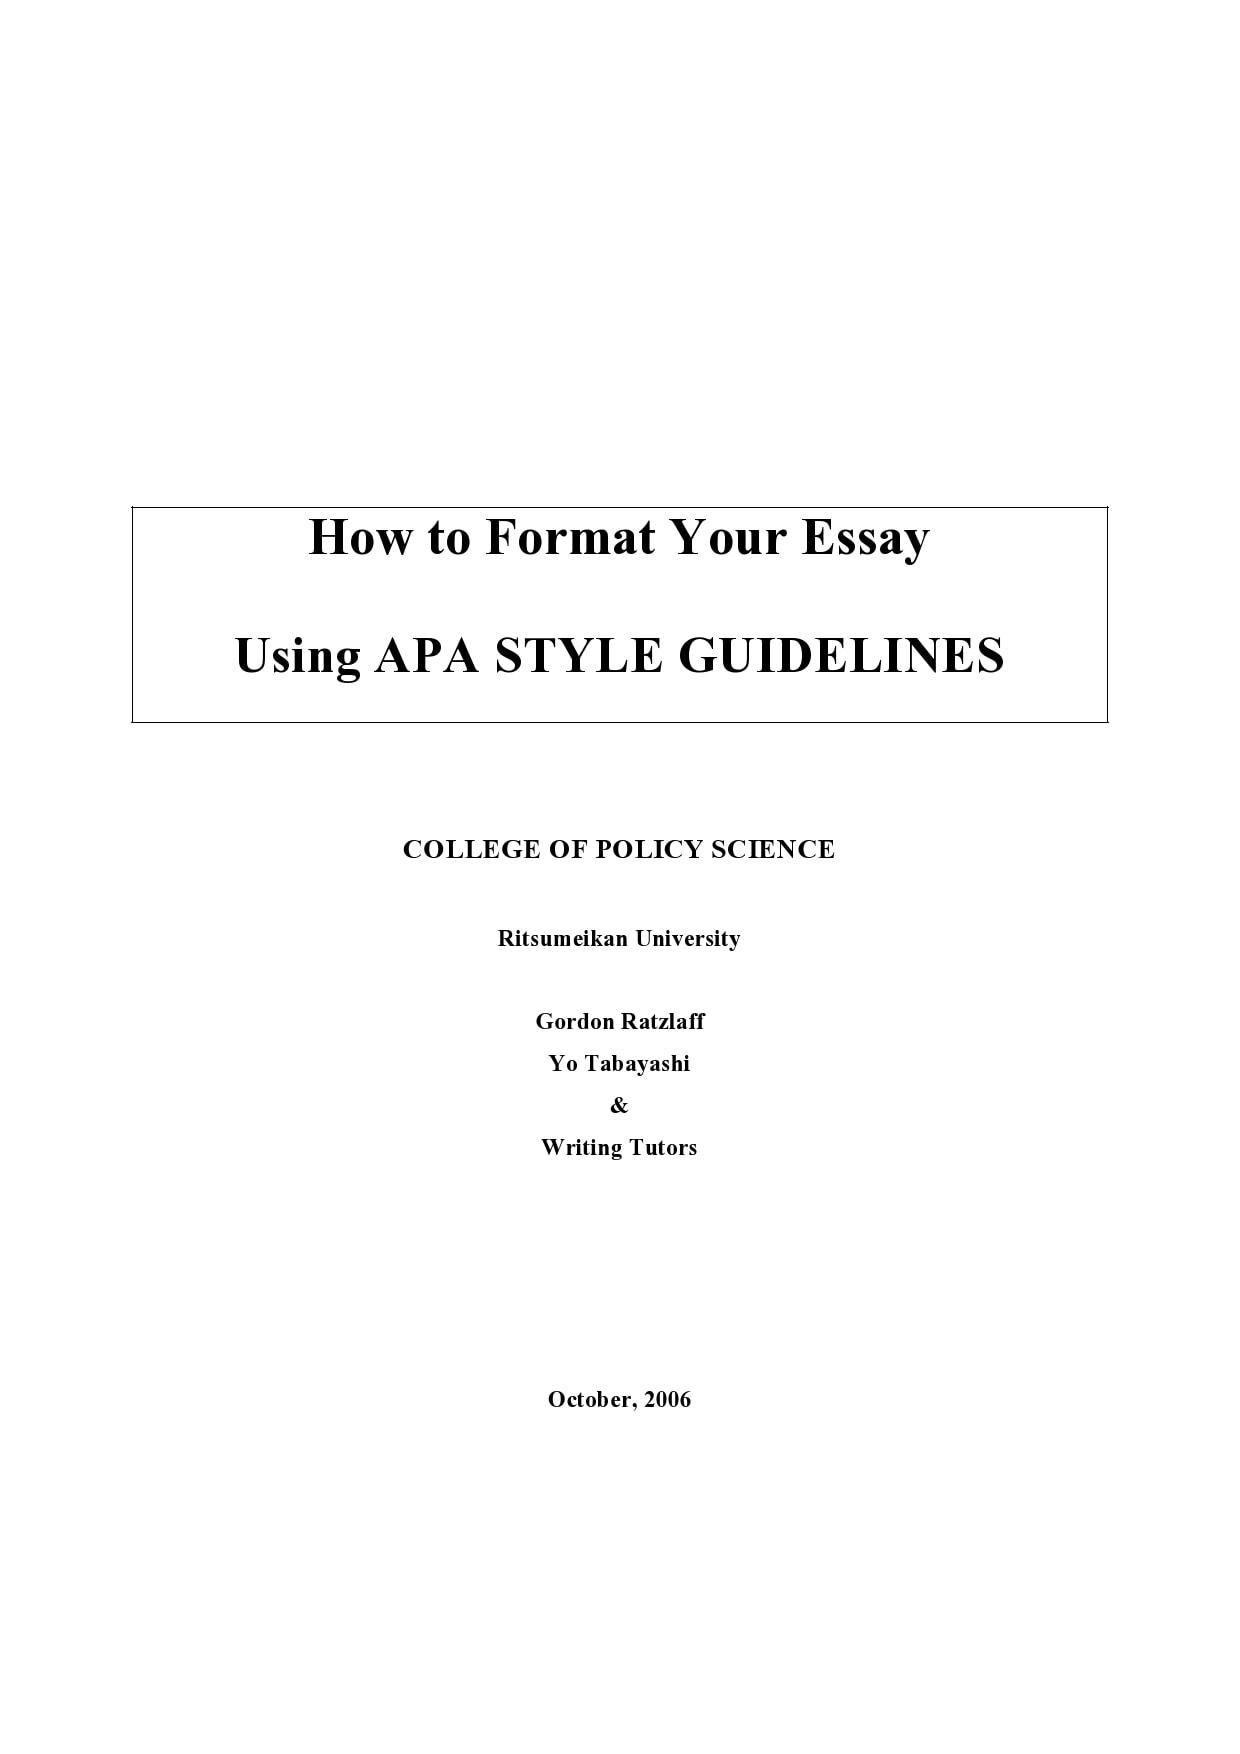 college essay format 04